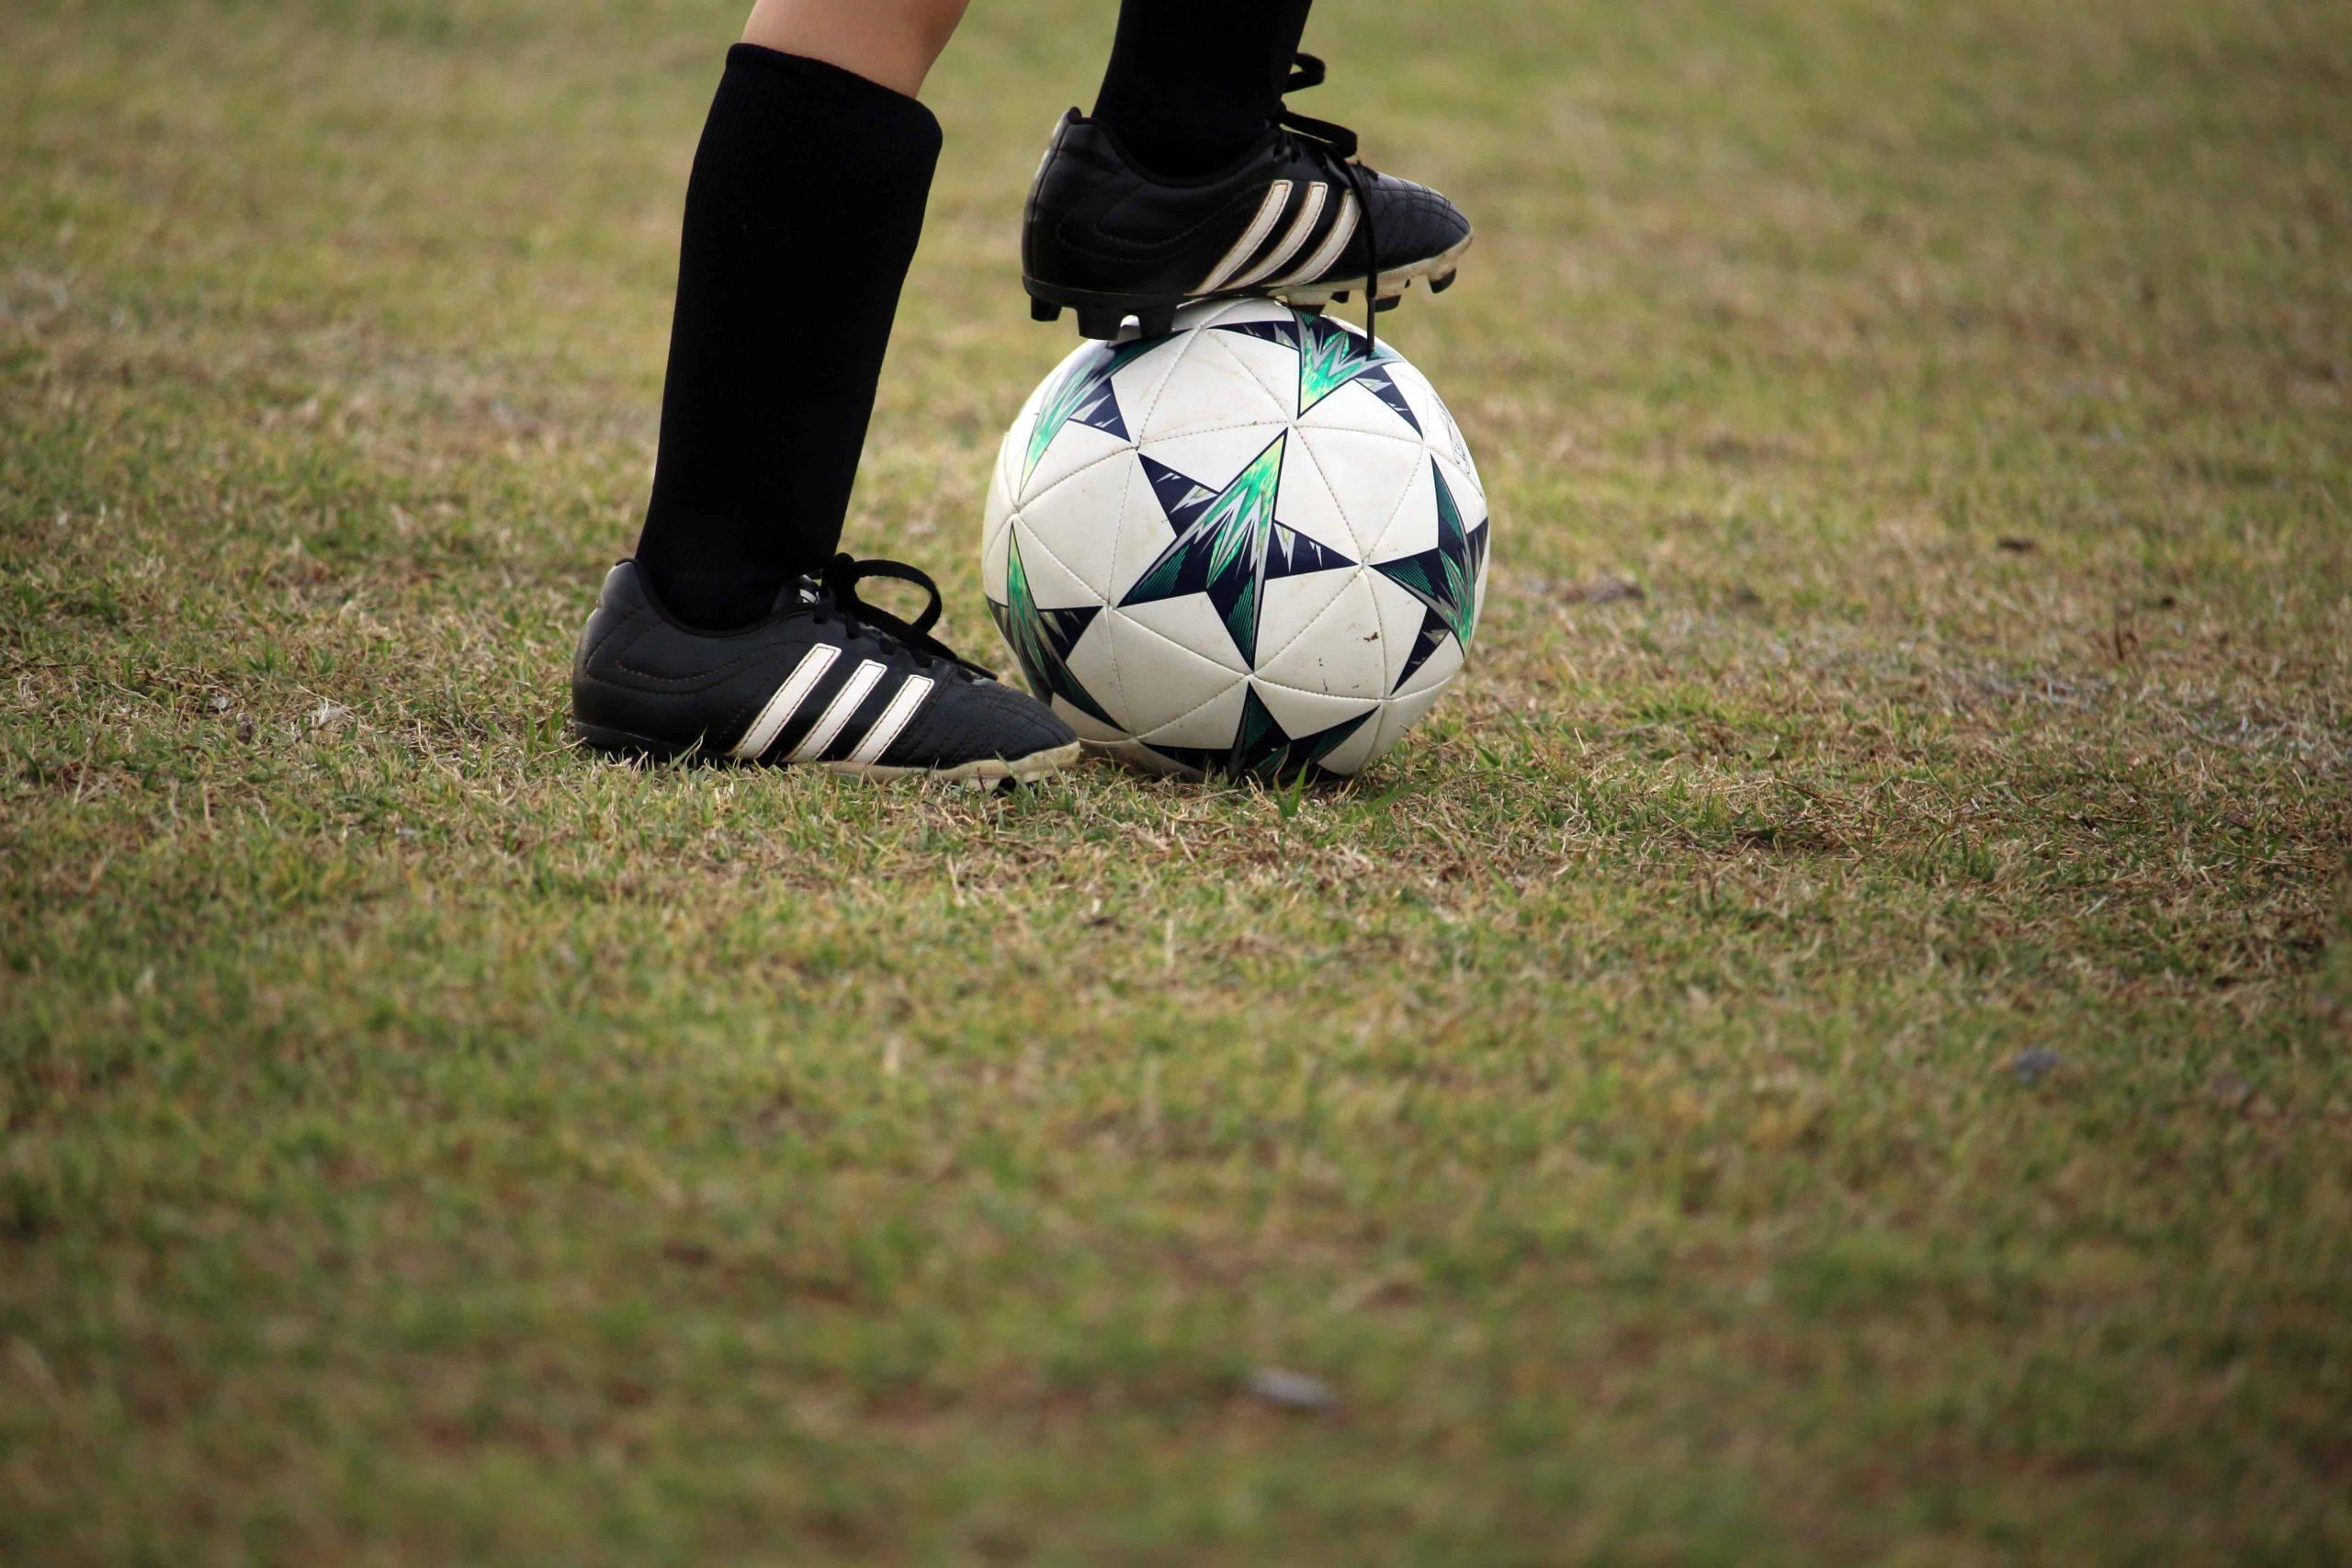 Imagem mostra um par de pernas, com recorte abaixo do joelho. As canelas são cobertas por meiões com uma clara distinção do volume da caneleira. Os pés calçam chuteiras pretas; o pé direito domina uma bola de futebol com a sola.